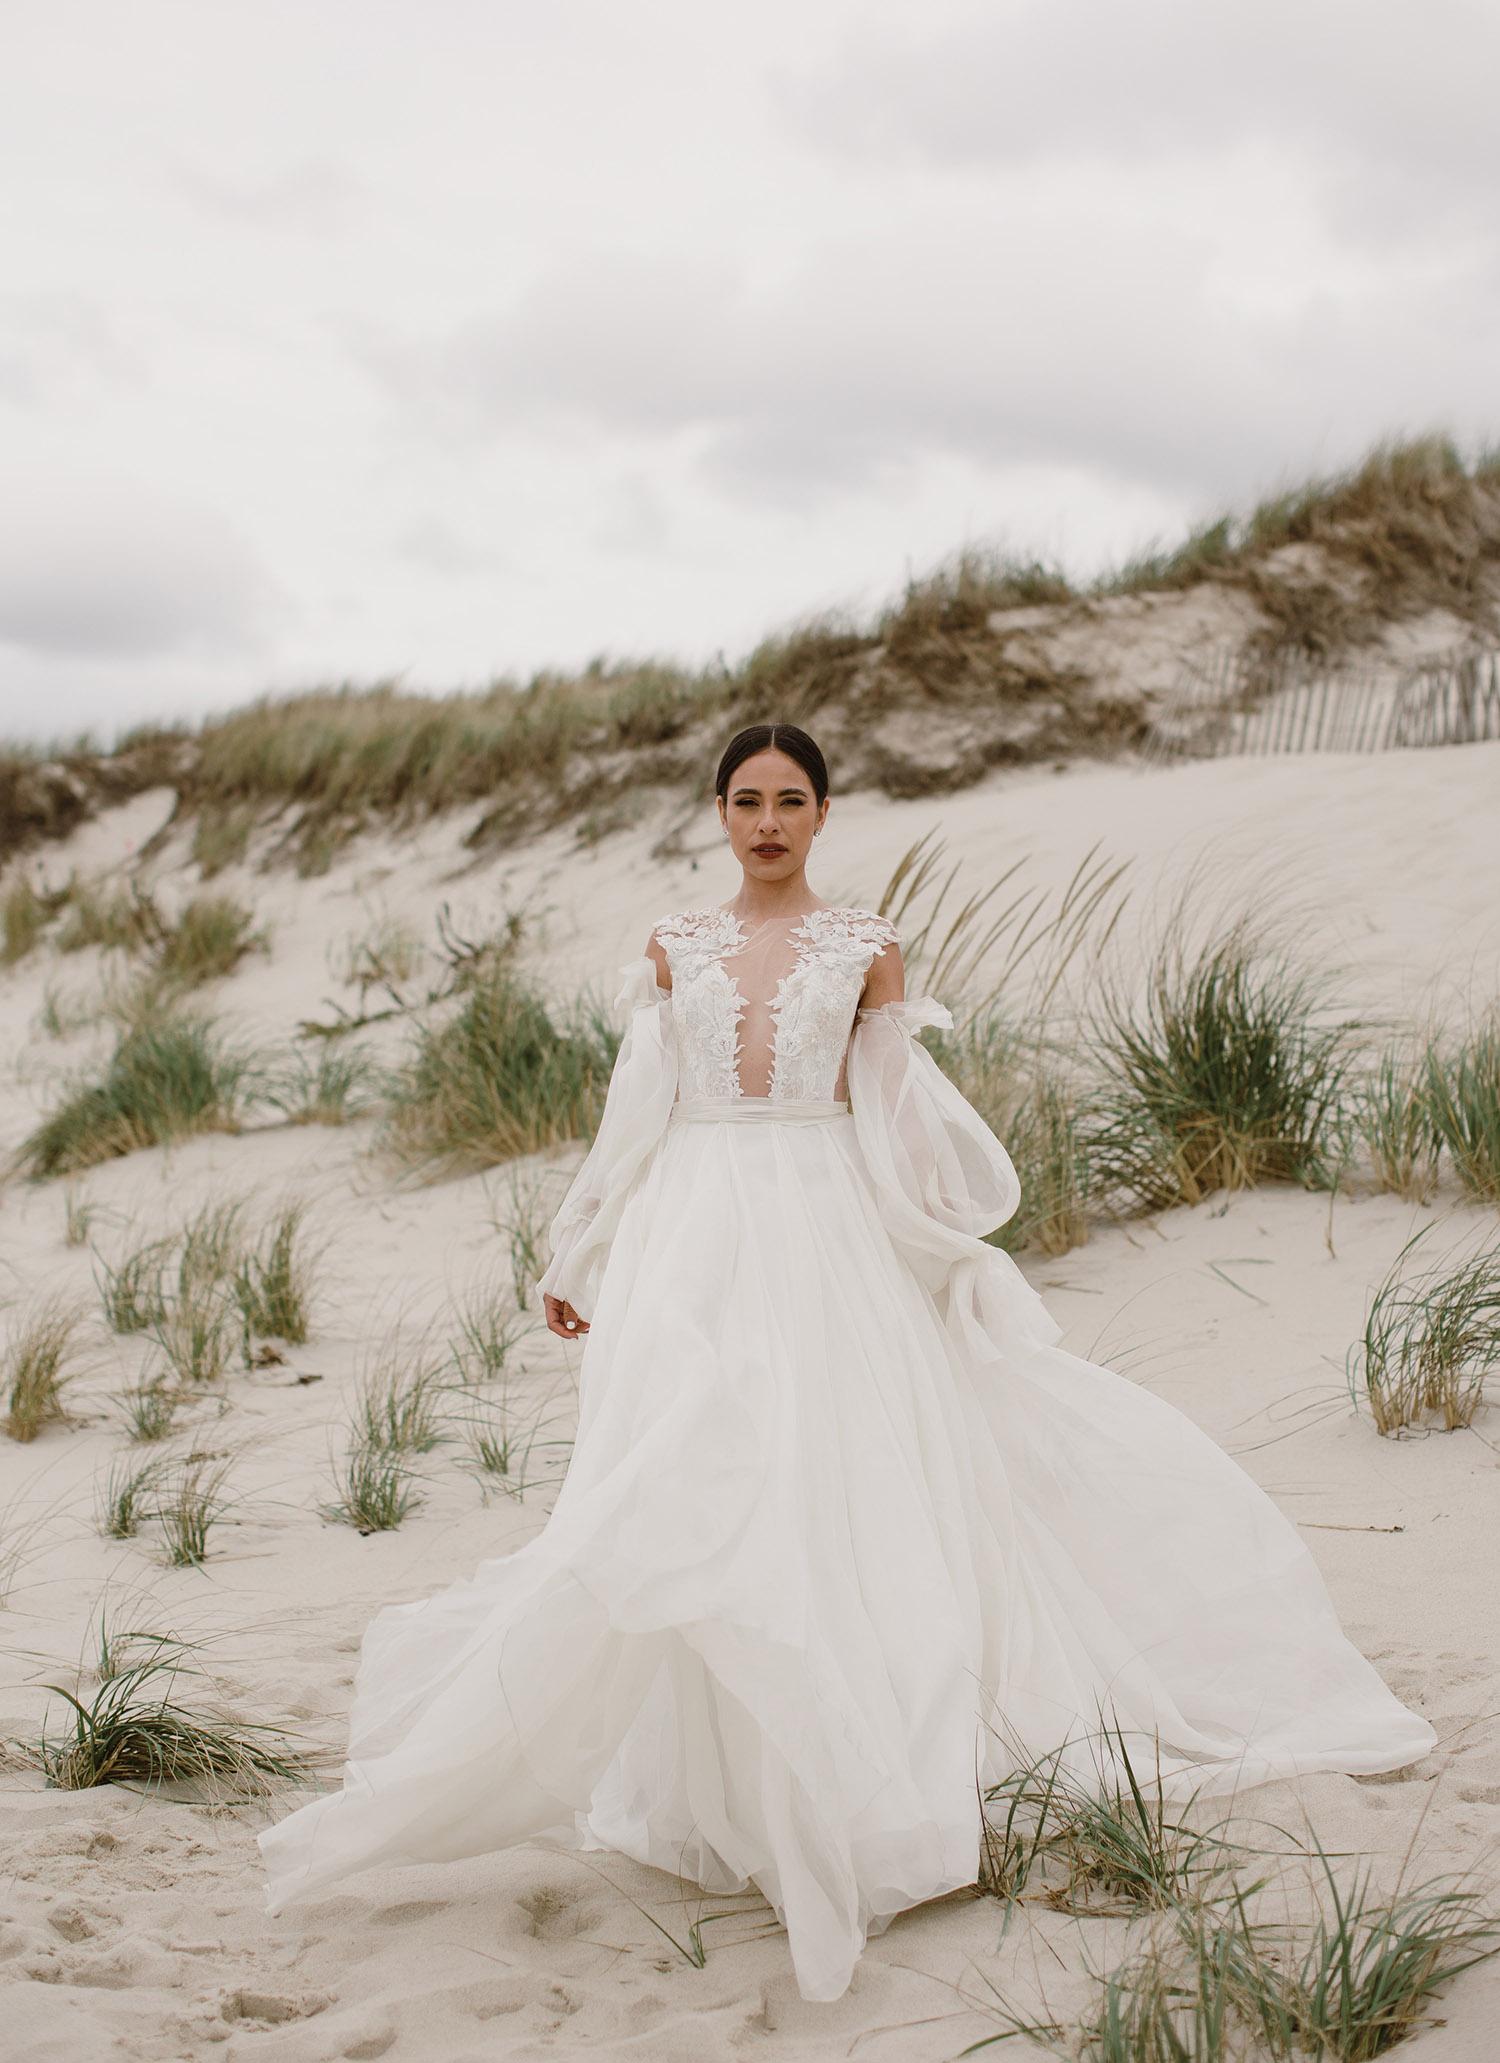 beach wedding dress for a glam beach wedding